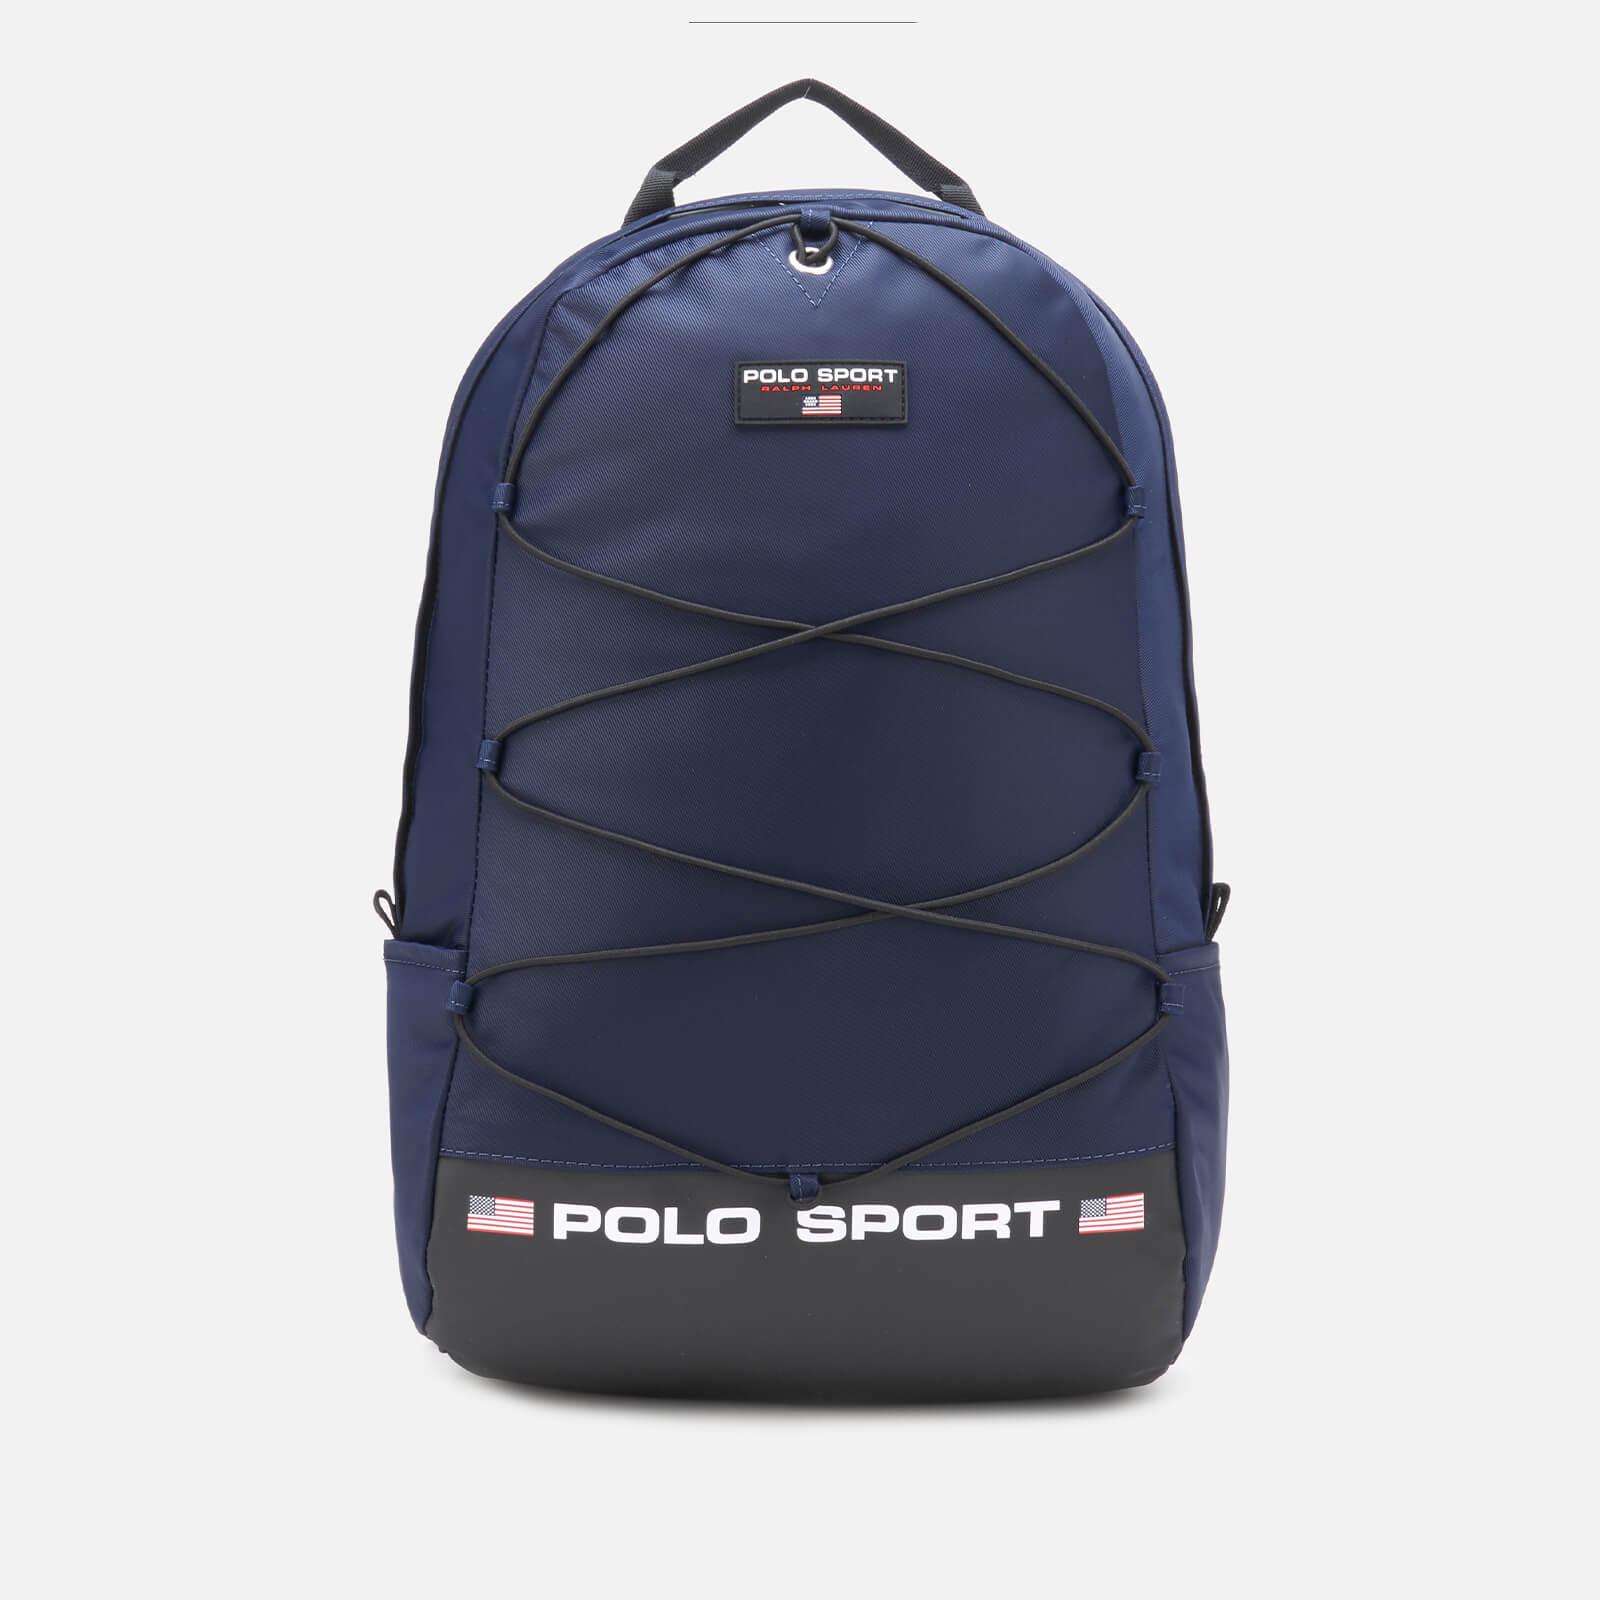 Ralph Lauren Polo Ralph Lauren Men's Polo Sport Backpack - Navy